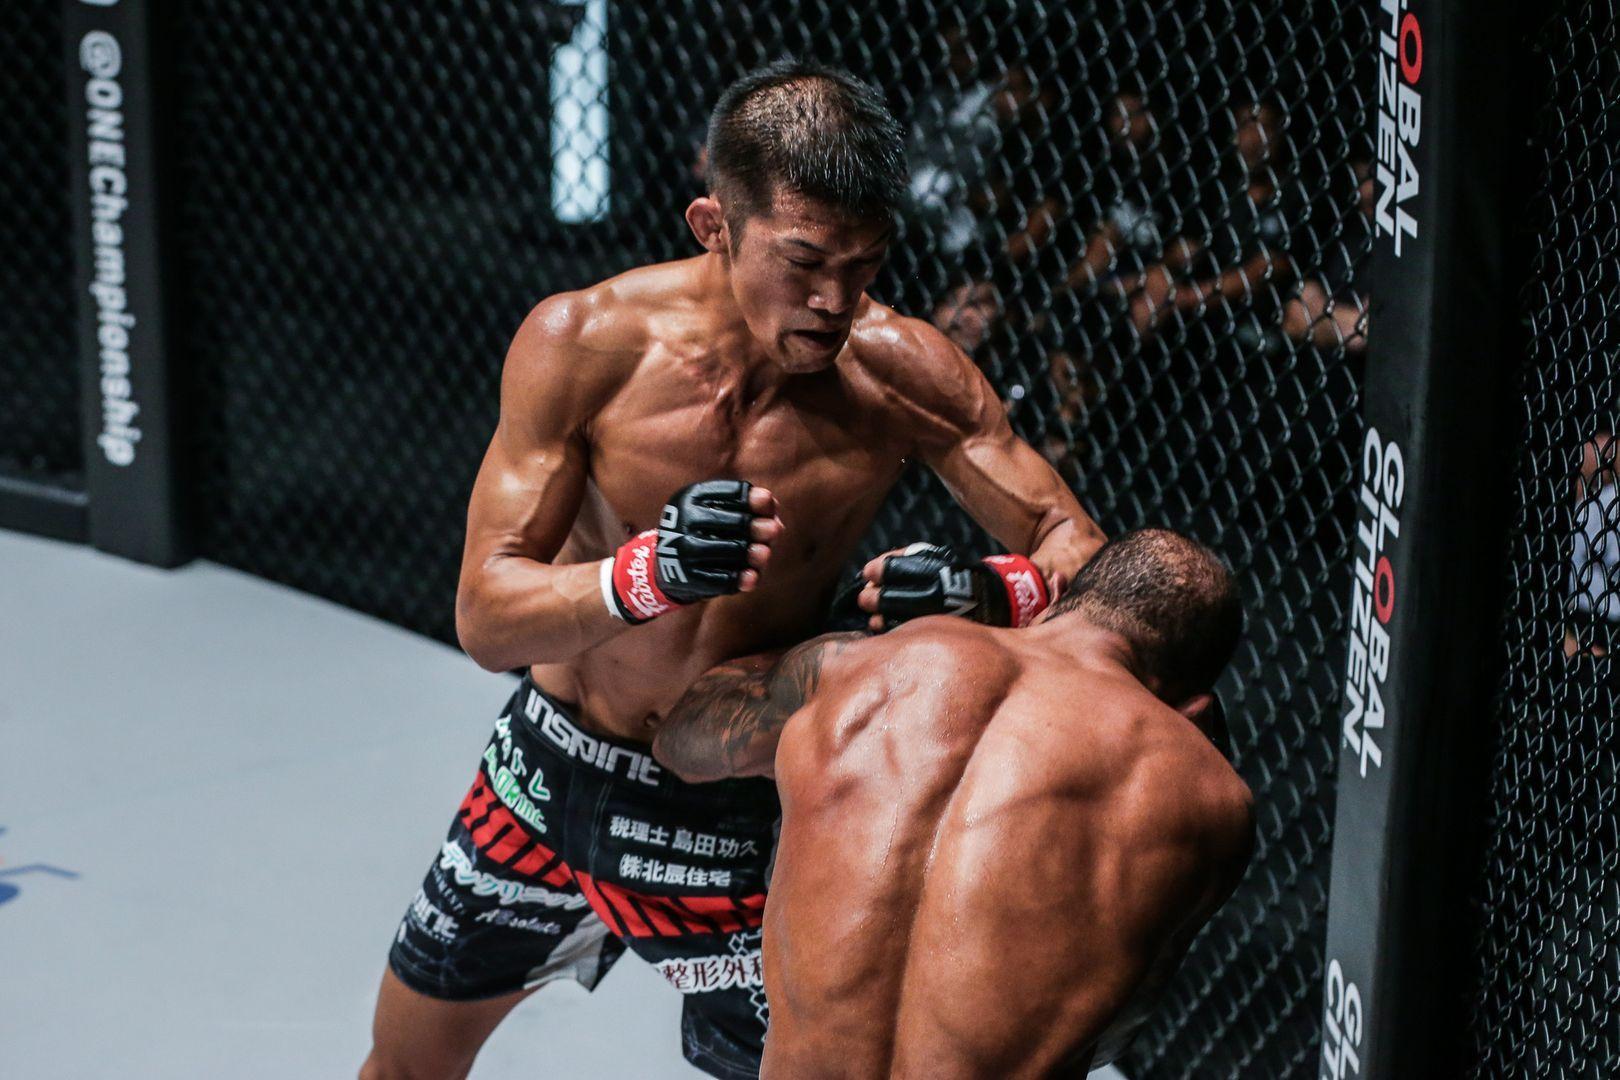 Japanese mixed martial artist Shoko Sato punches Rafael Silva